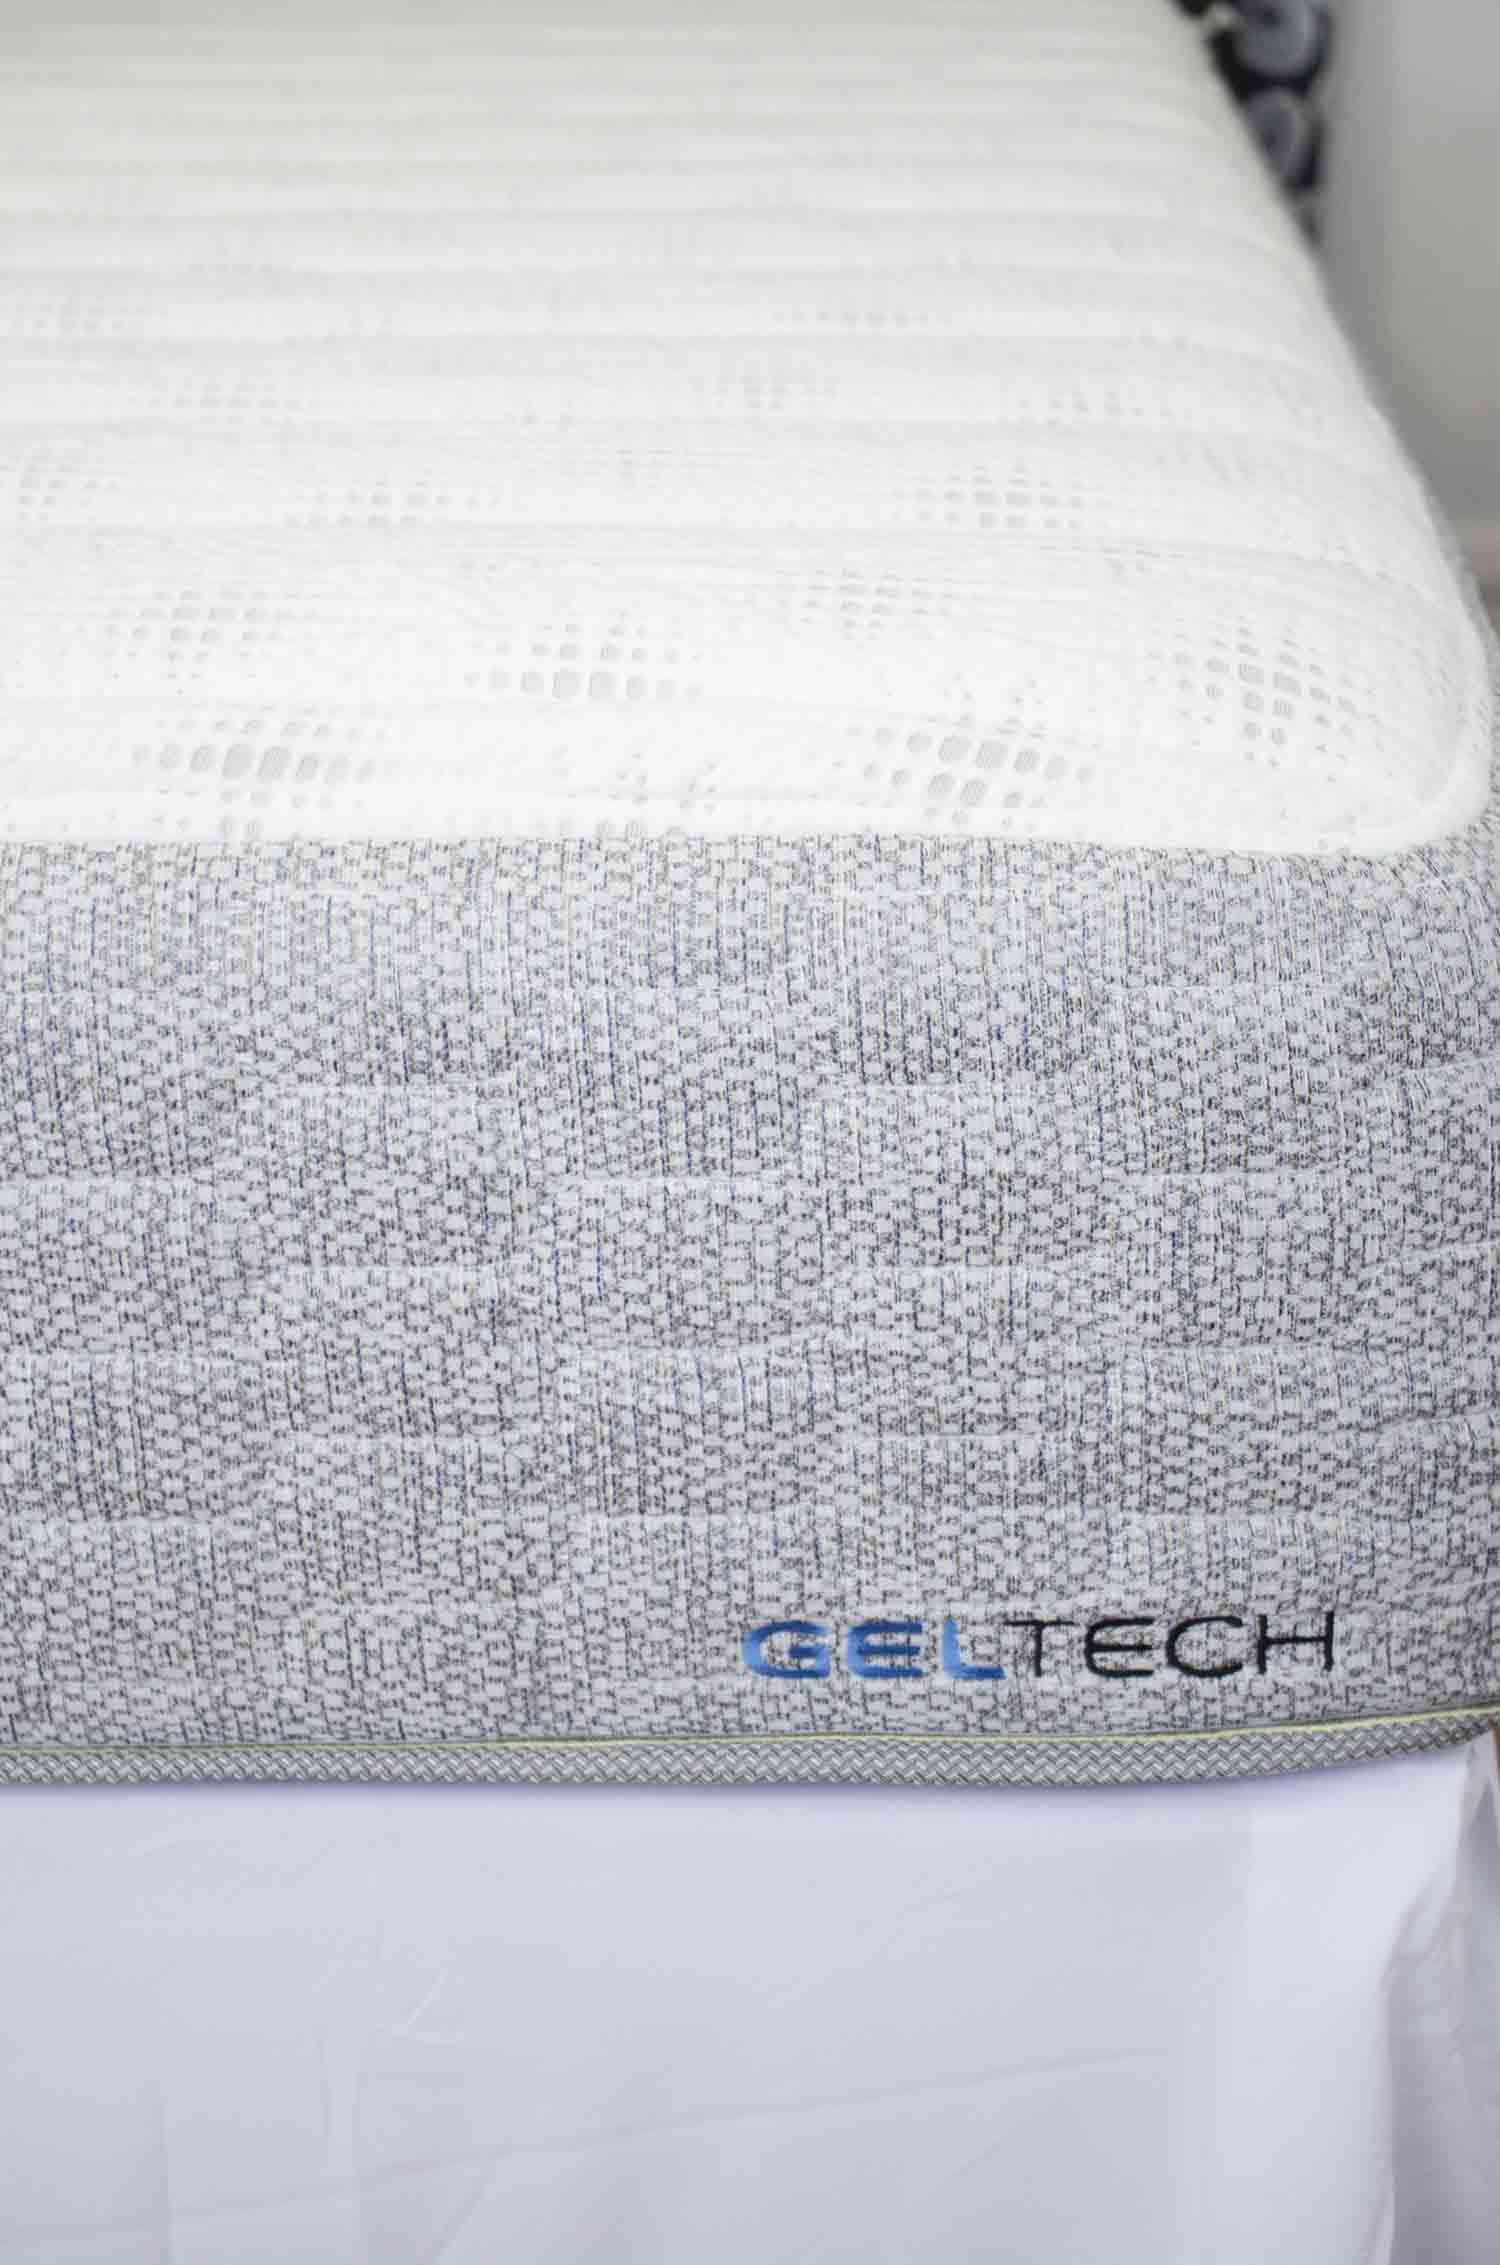 GelFoamBed Miranda queen mattress on @thouswellblog